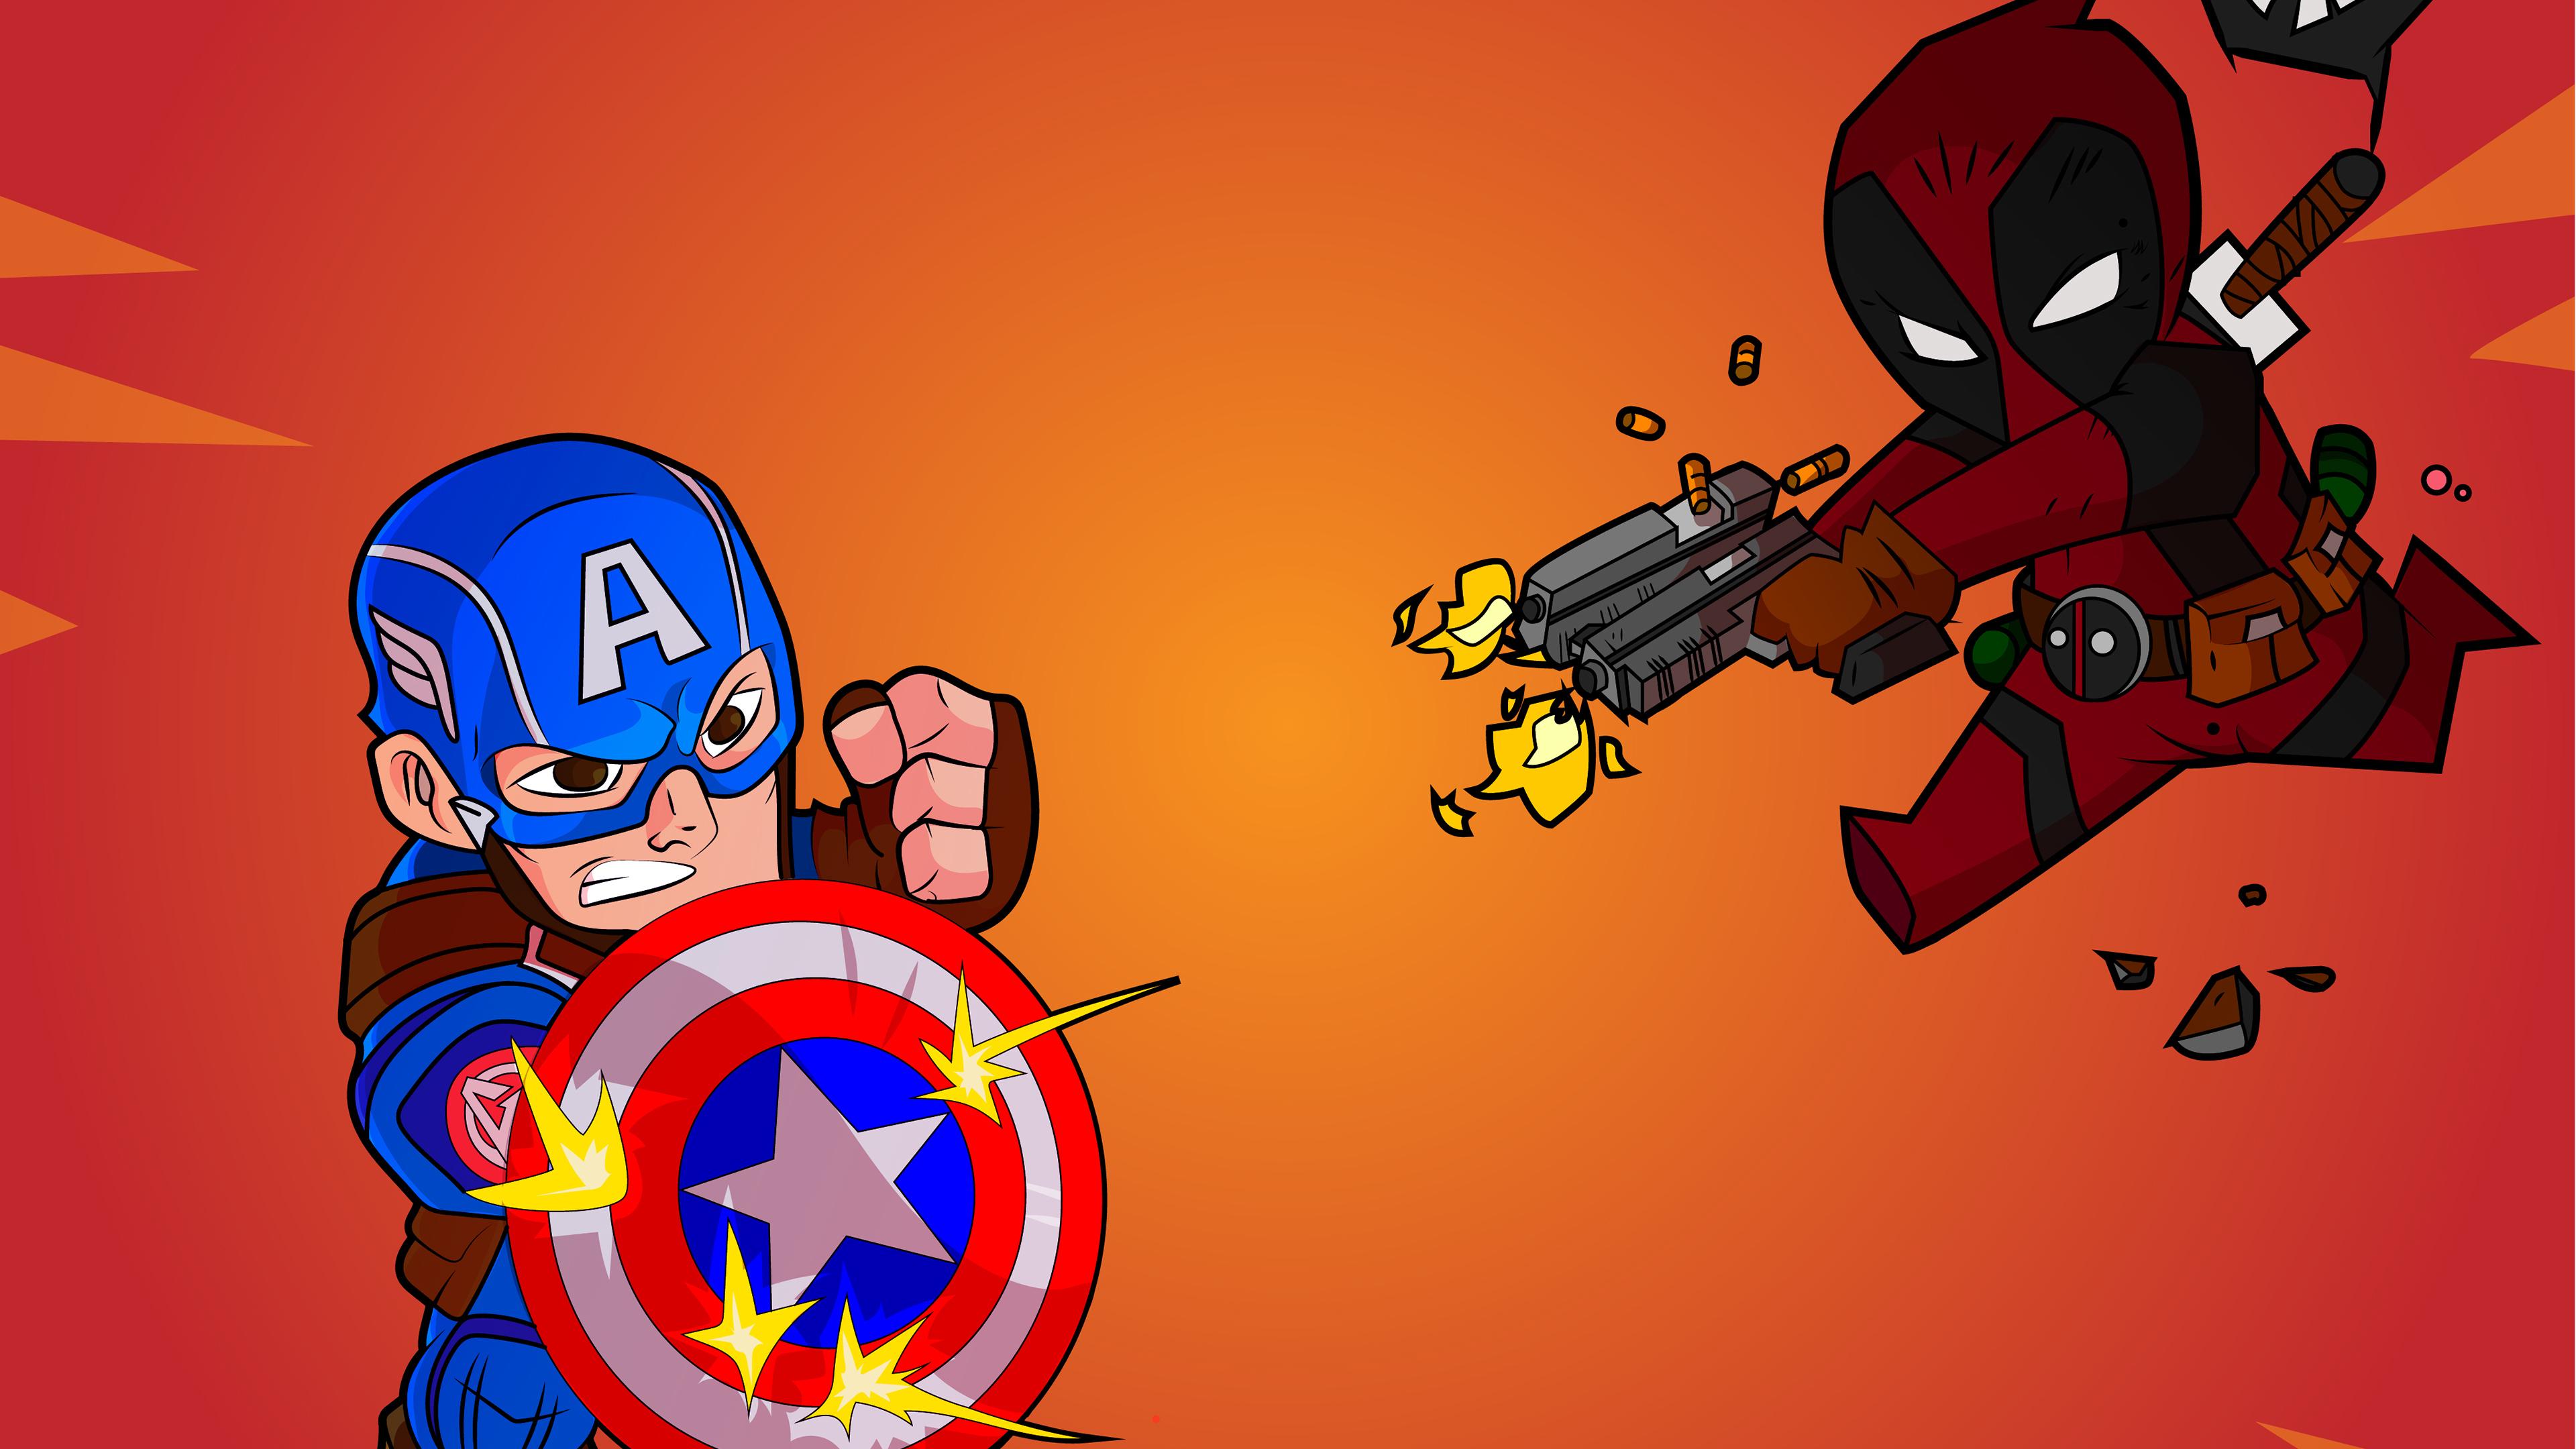 captain america deadpool 1562105719 - Captain America Deadpool - superheroes wallpapers, hd-wallpapers, digital art wallpapers, deadpool wallpapers, captain america wallpapers, artwork wallpapers, artist wallpapers, 4k-wallpapers